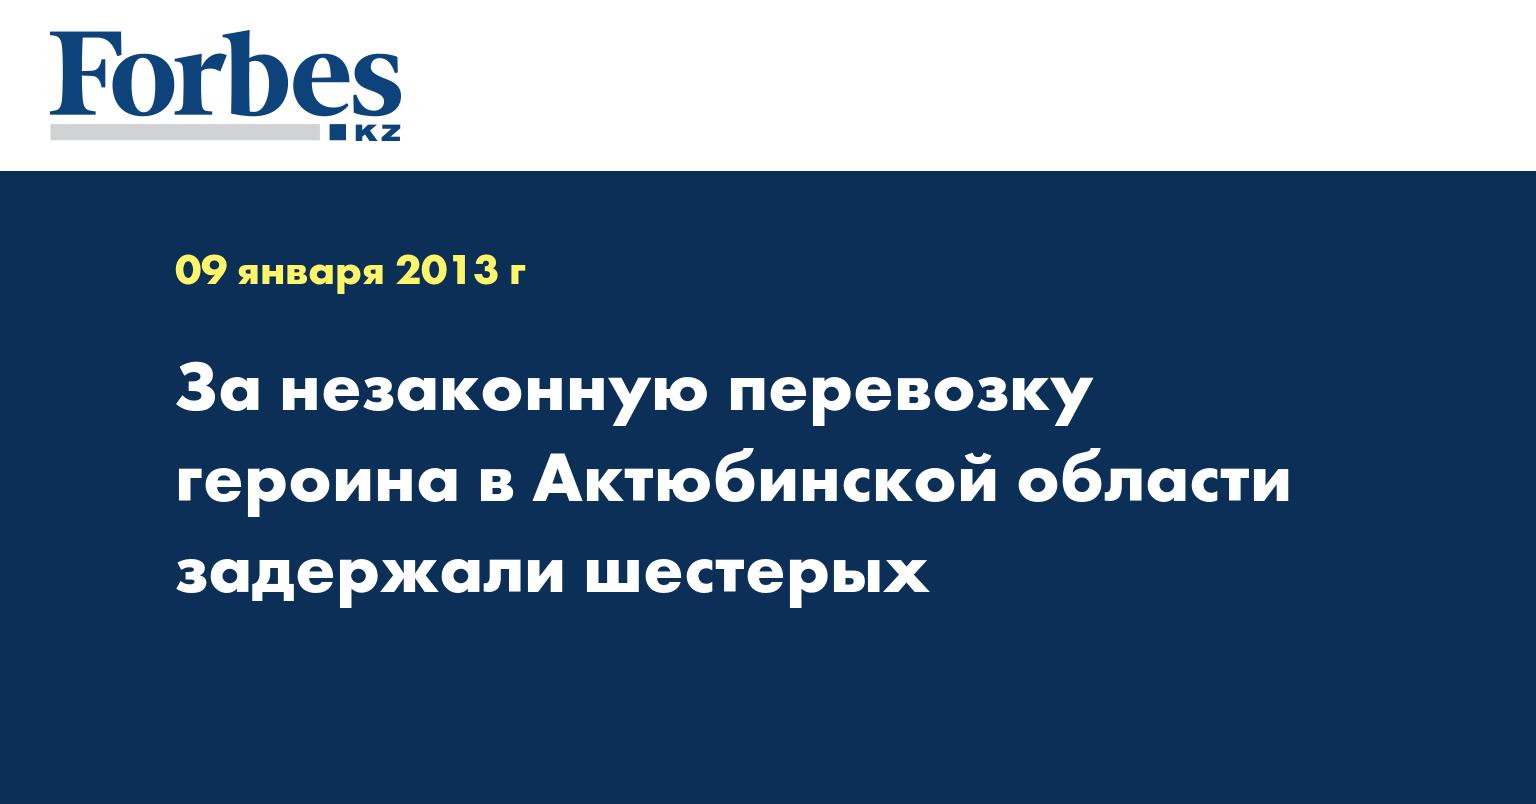 За незаконную перевозку героина в Актюбинской области задержали шестерых